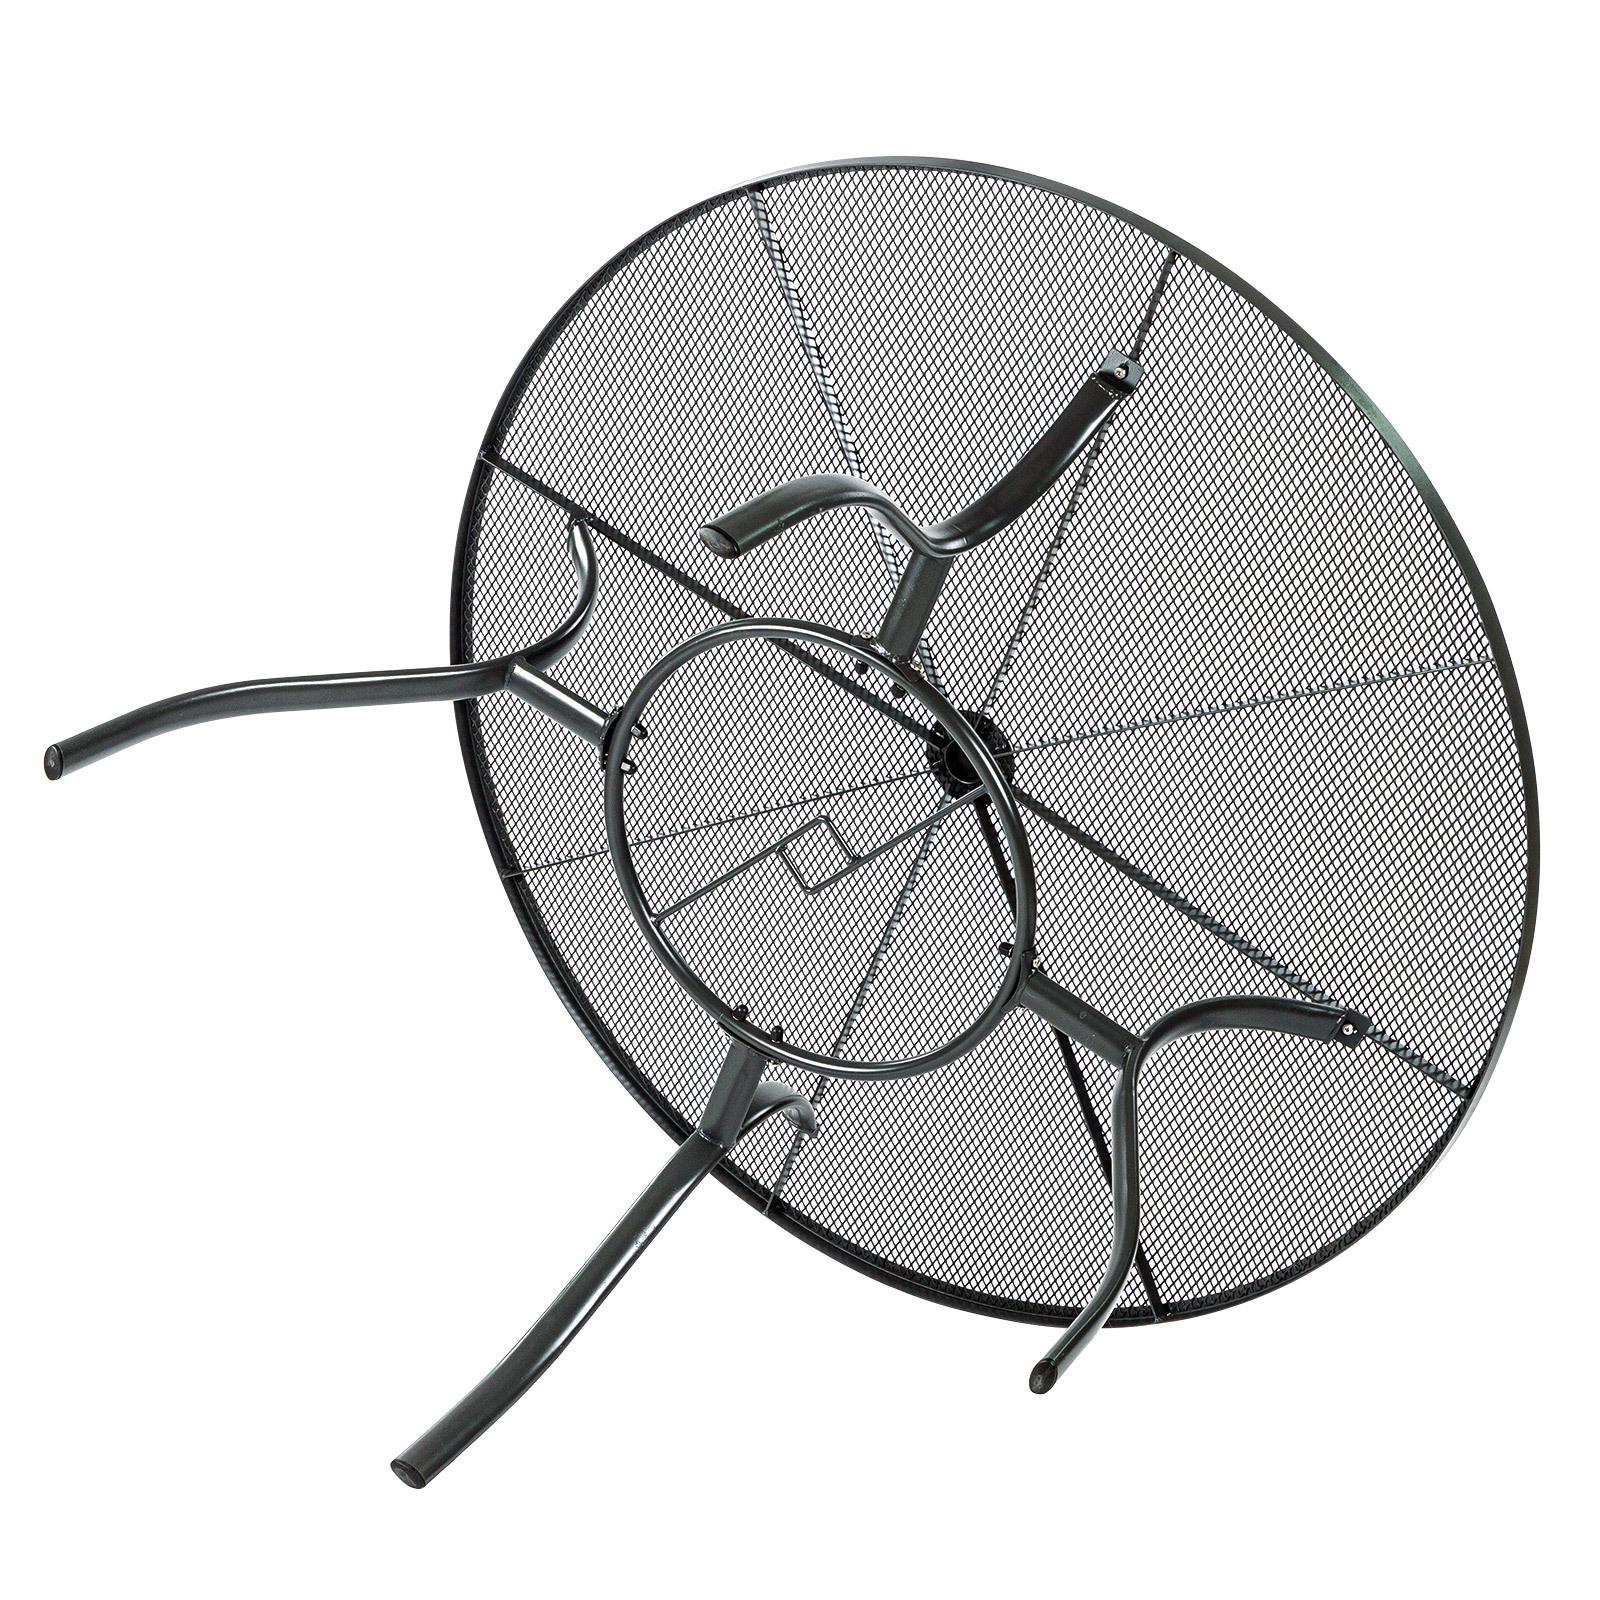 Streckmetalltisch metalltisch gartentisch tisch rund las for Metalltisch rund